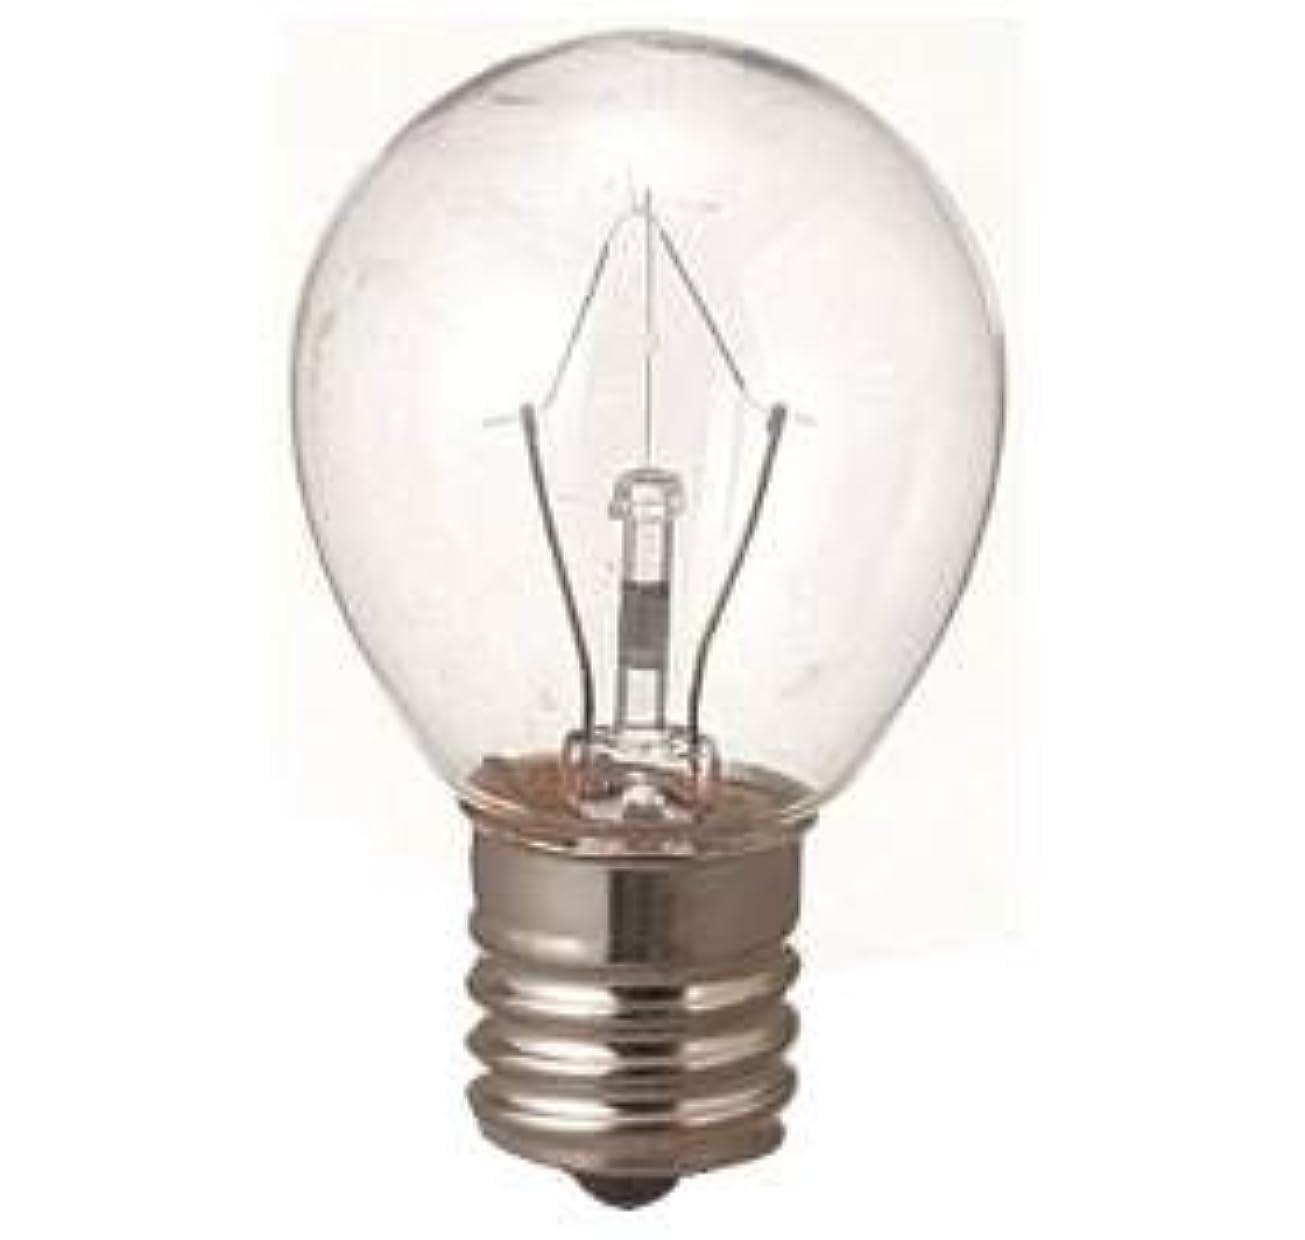 侮辱哀れな消費生活の木 アロマランプM用 電球15W(サイズ:φ23×H50mm)